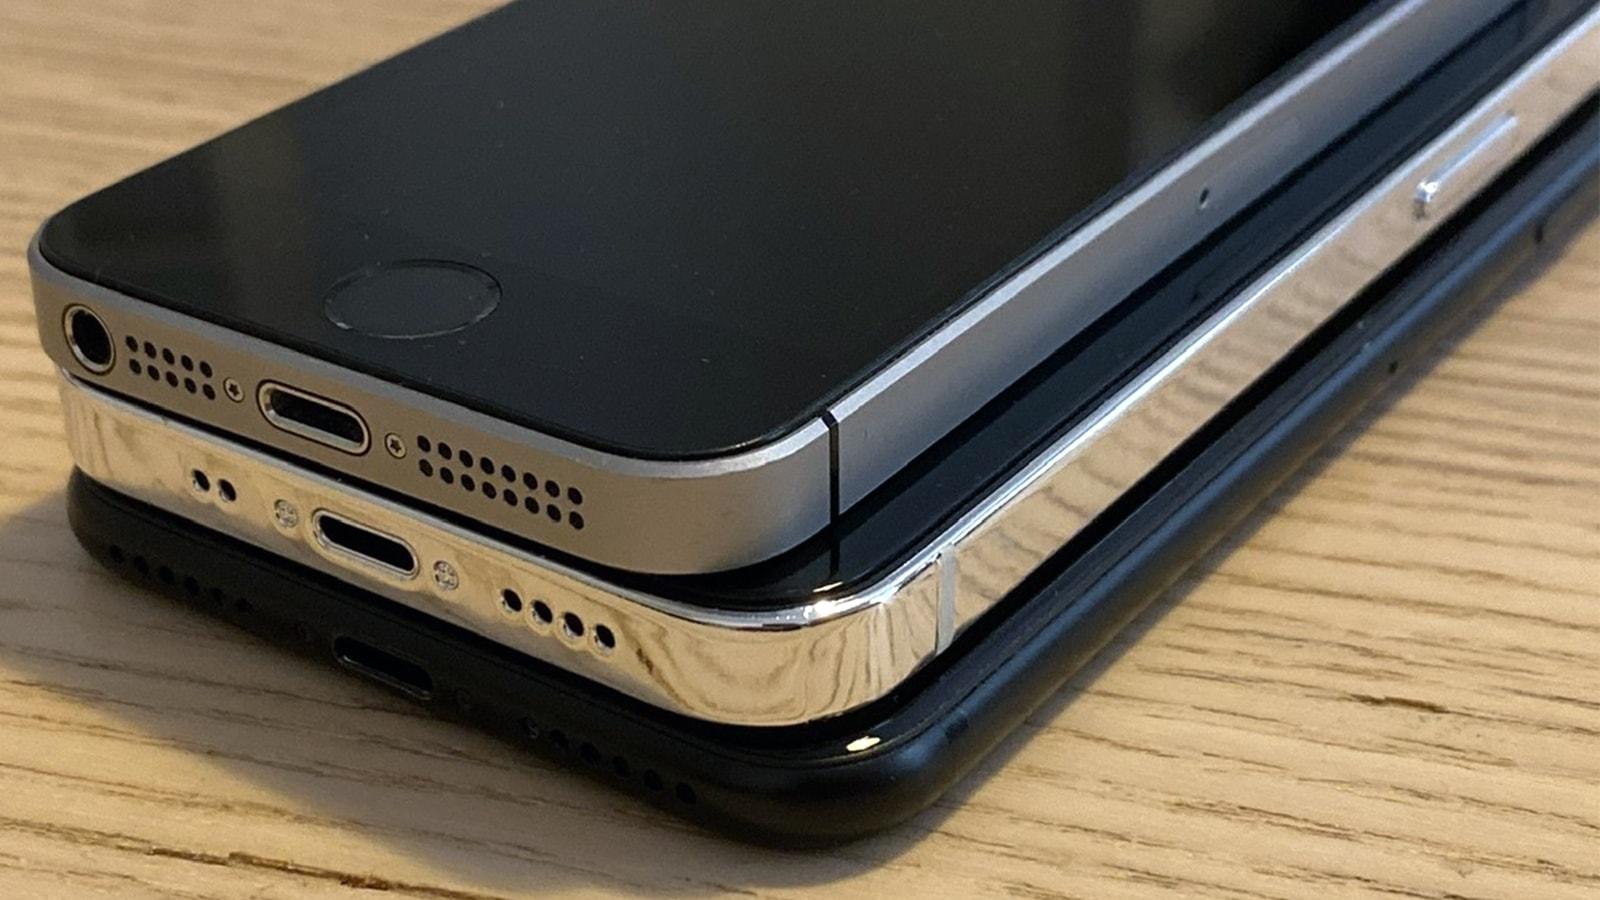 iPhone 12 Dummy Unit Comparison